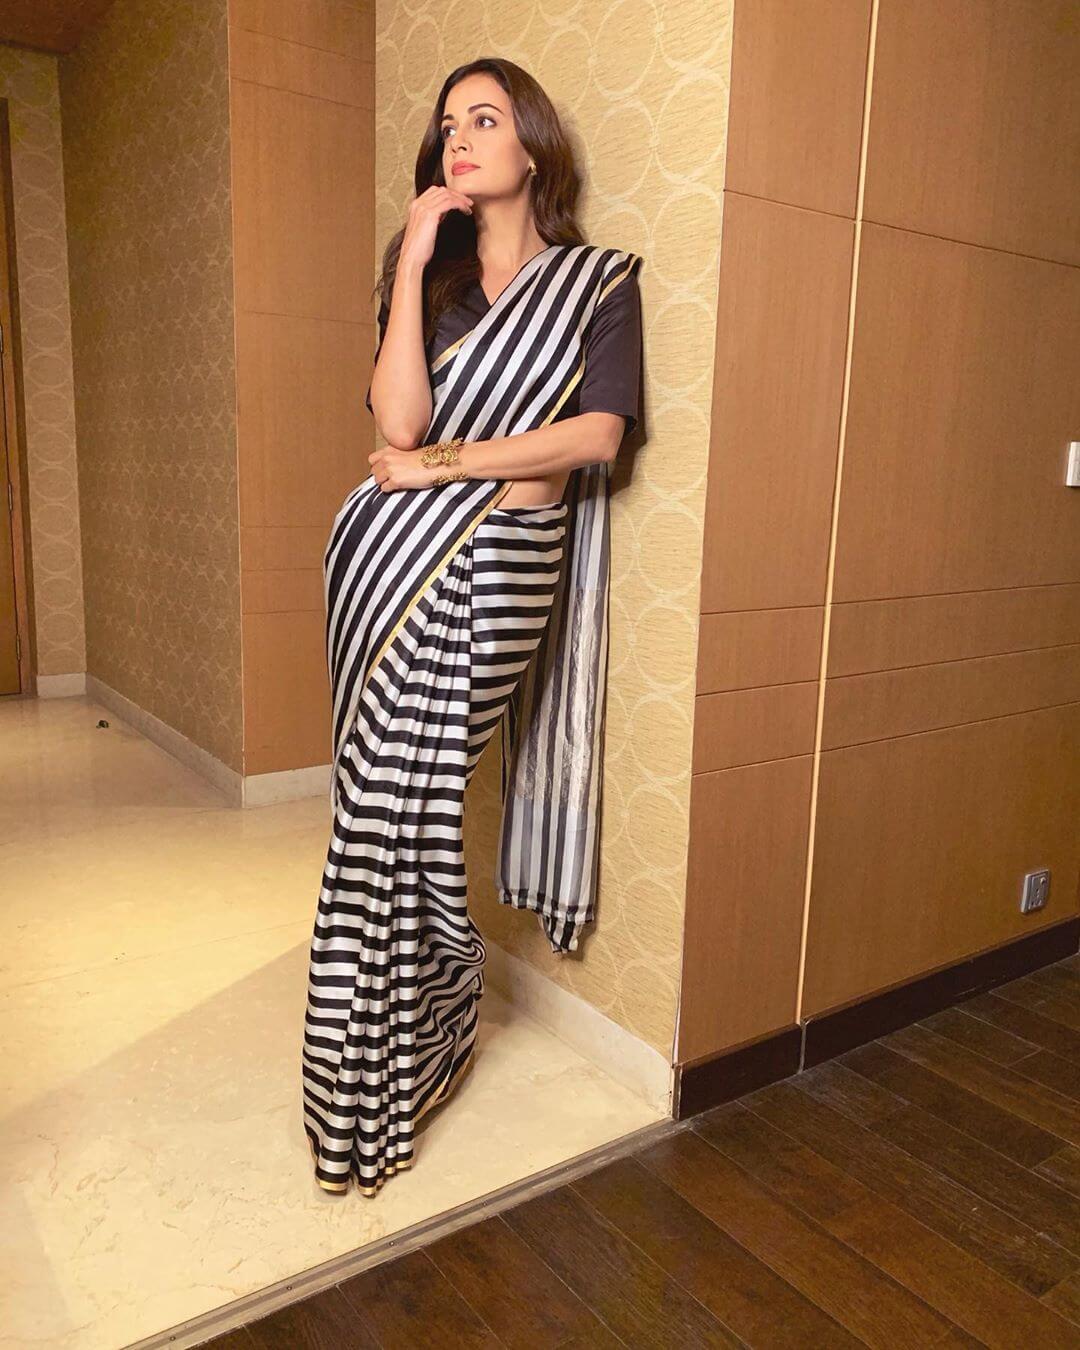 Striped Sari Dia Mirza outfits